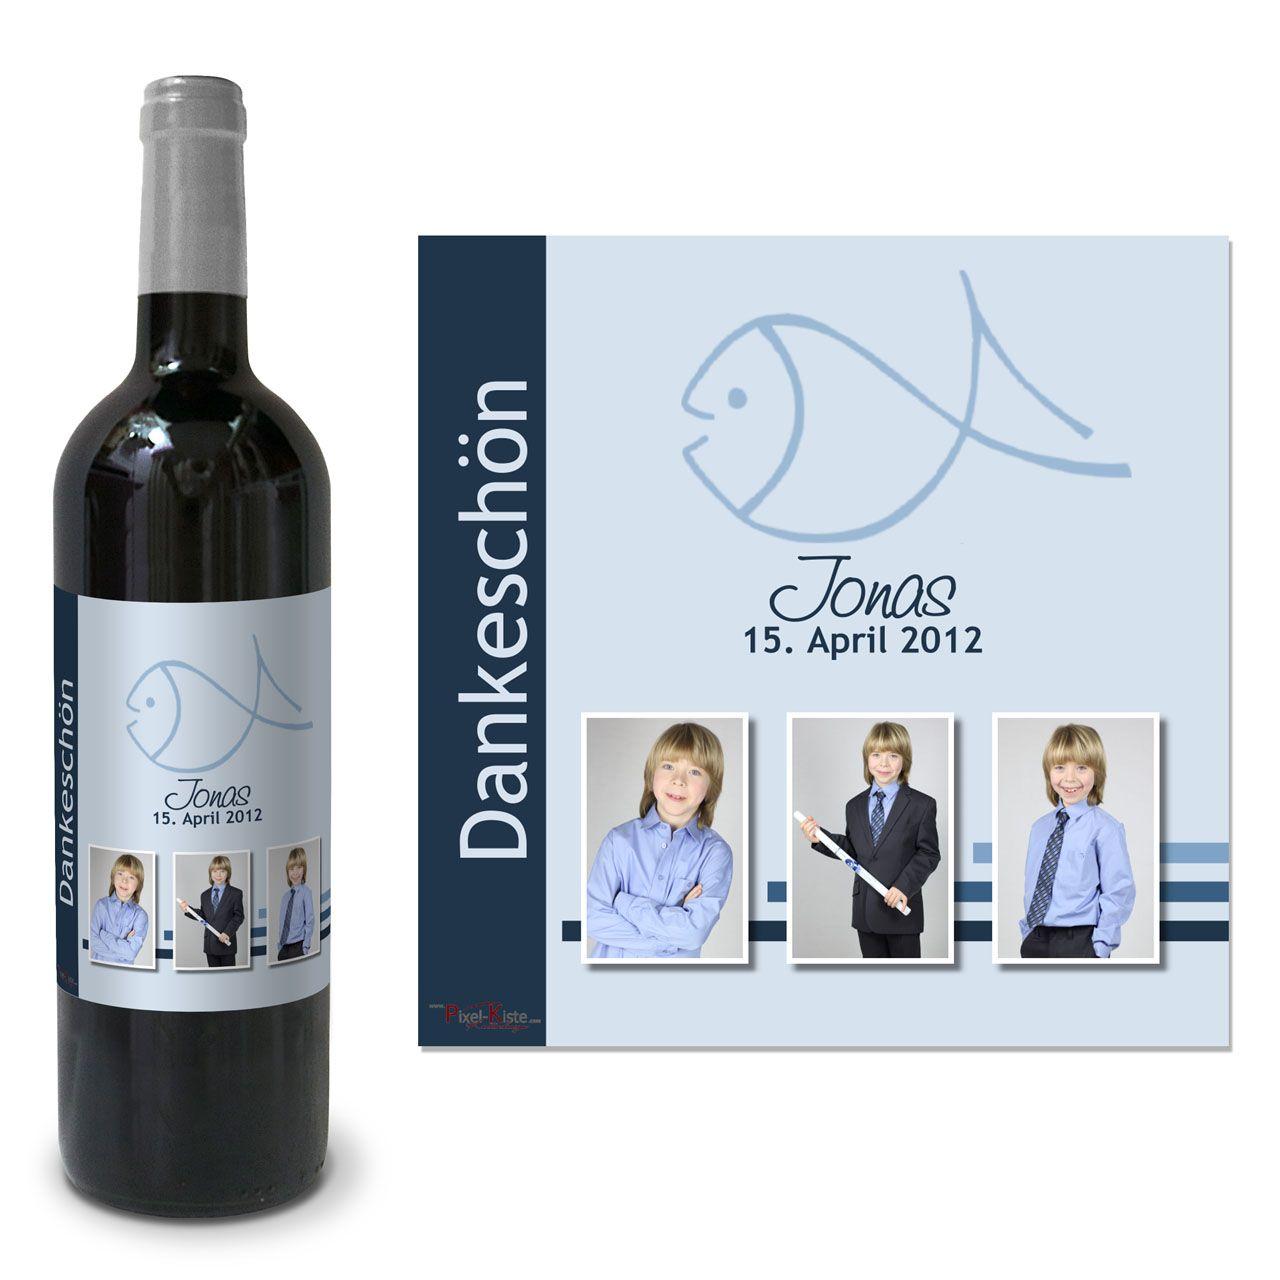 Flaschenetikett für Kommunionswein | Flaschenetiketten, Giveaway und ...